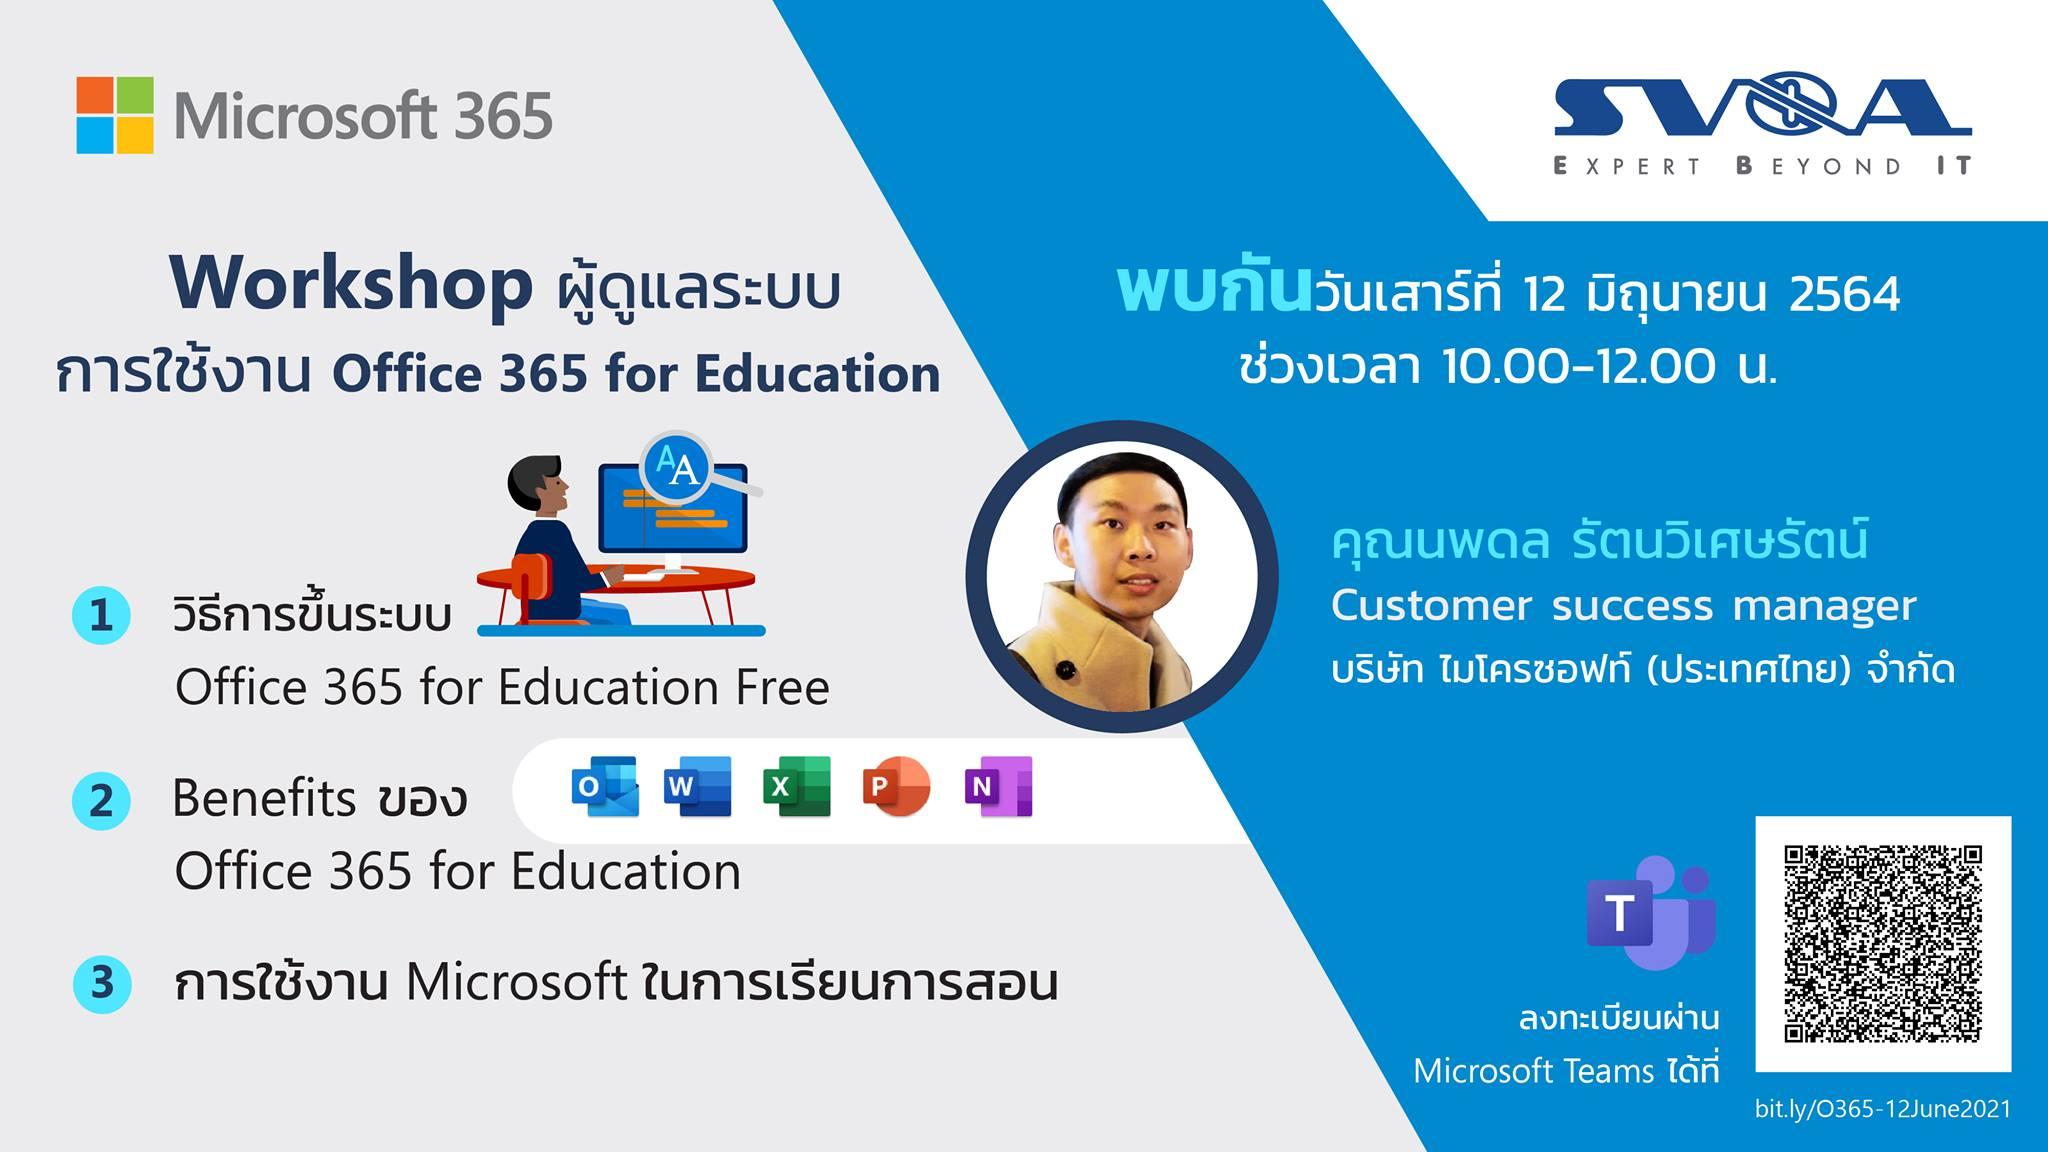 ขอเชิญร่วมกิจกรรม Workshop สำหรับผู้ดูแลระบบ Office 365 for Education วันที่ 12 และ 19 มิถุนายน 2564